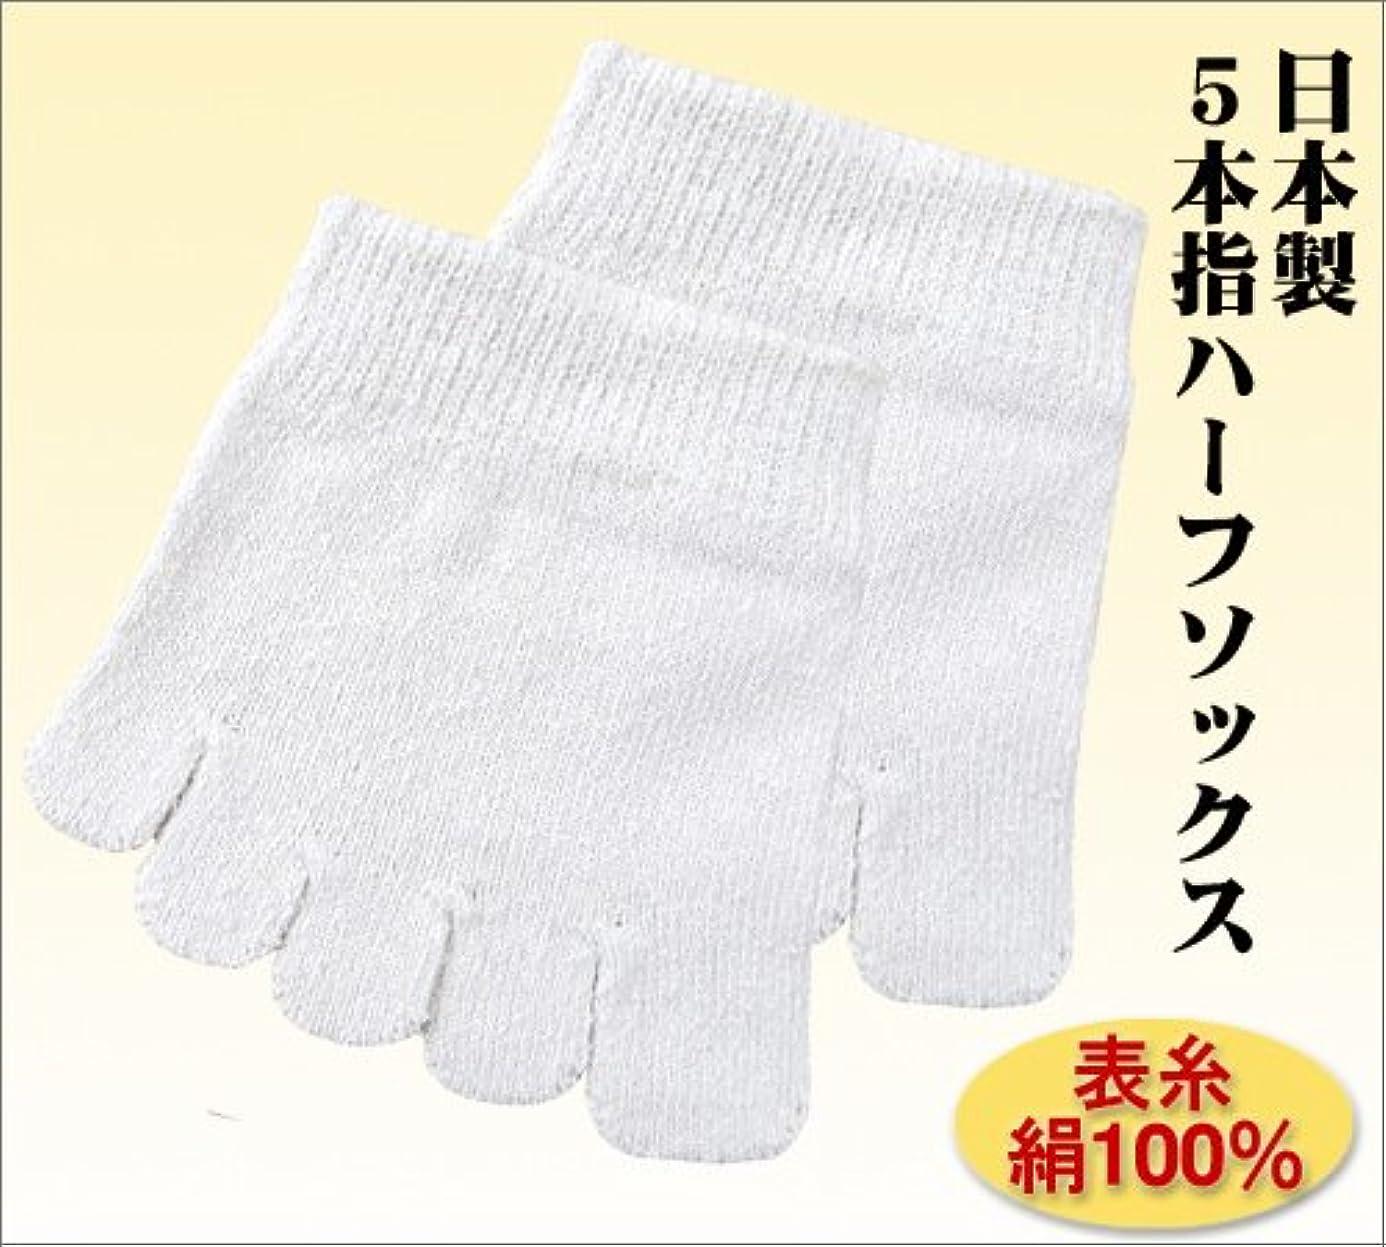 剥離委任する魅了する日本製 天然シルク5本指ハーフソックス 表糸絹100% 快適な指先ソックス (紳士用 黒色2足組)